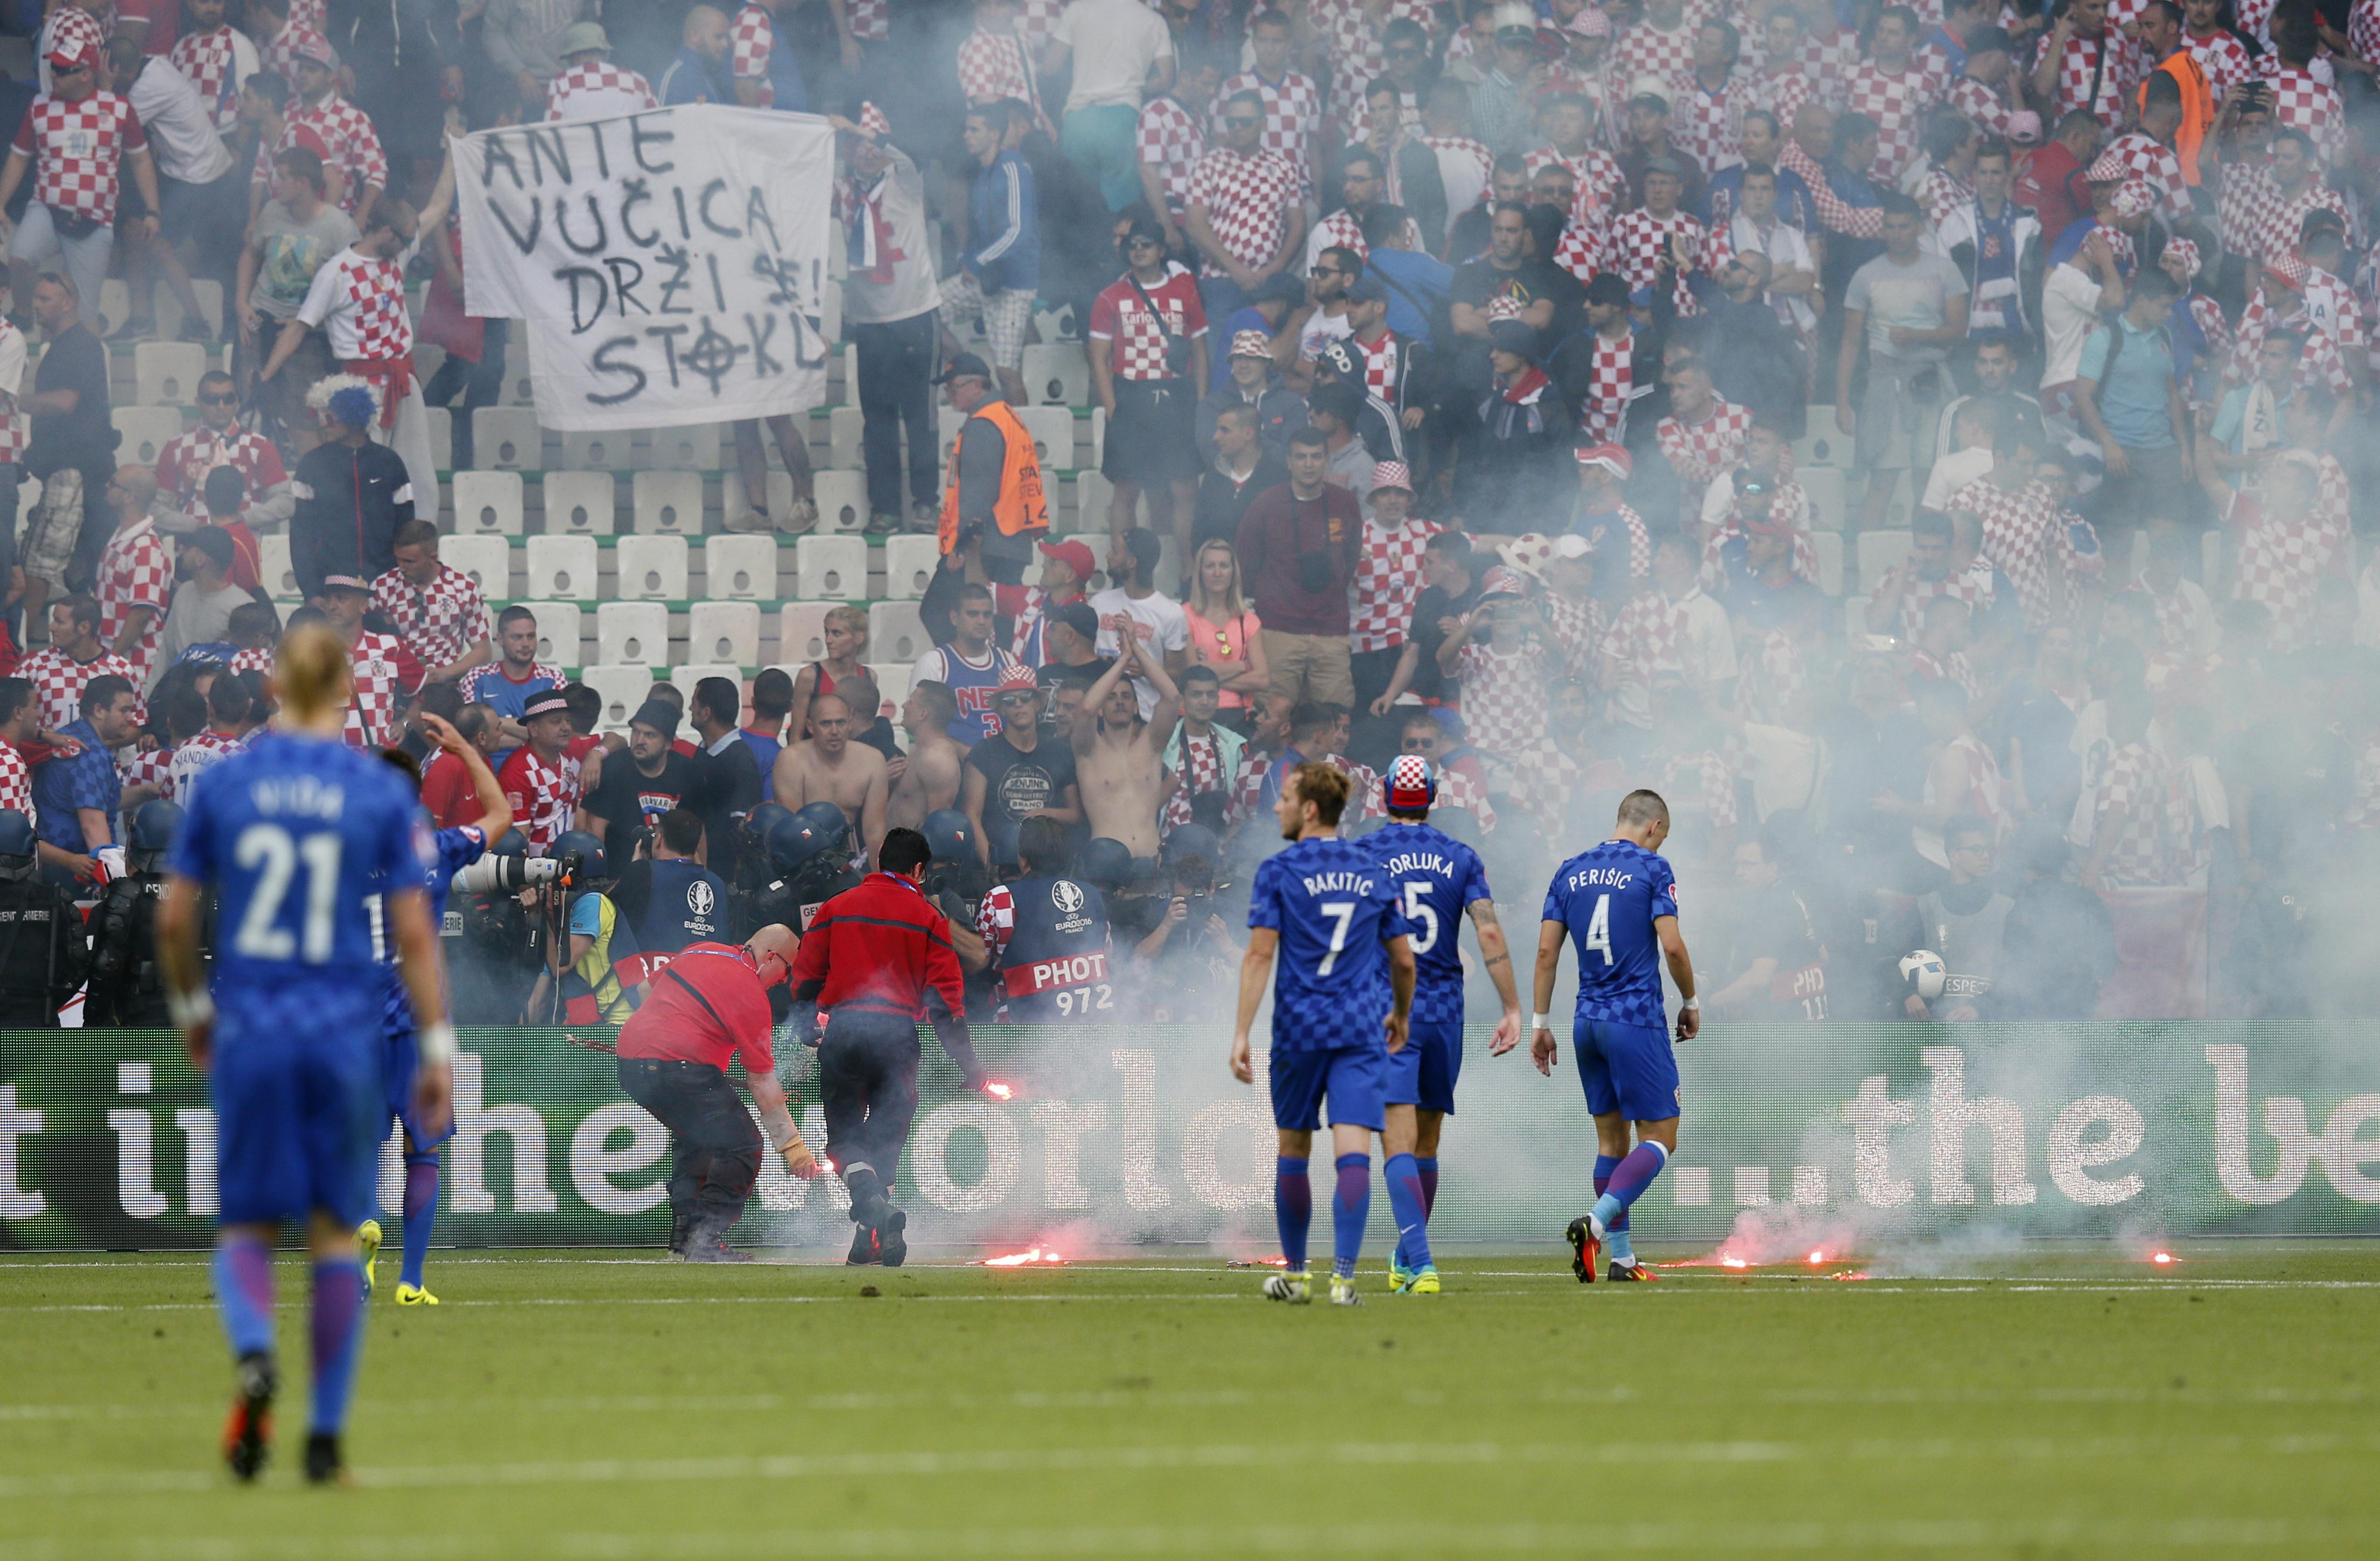 Болельщики создали проблемы хорватской команде.